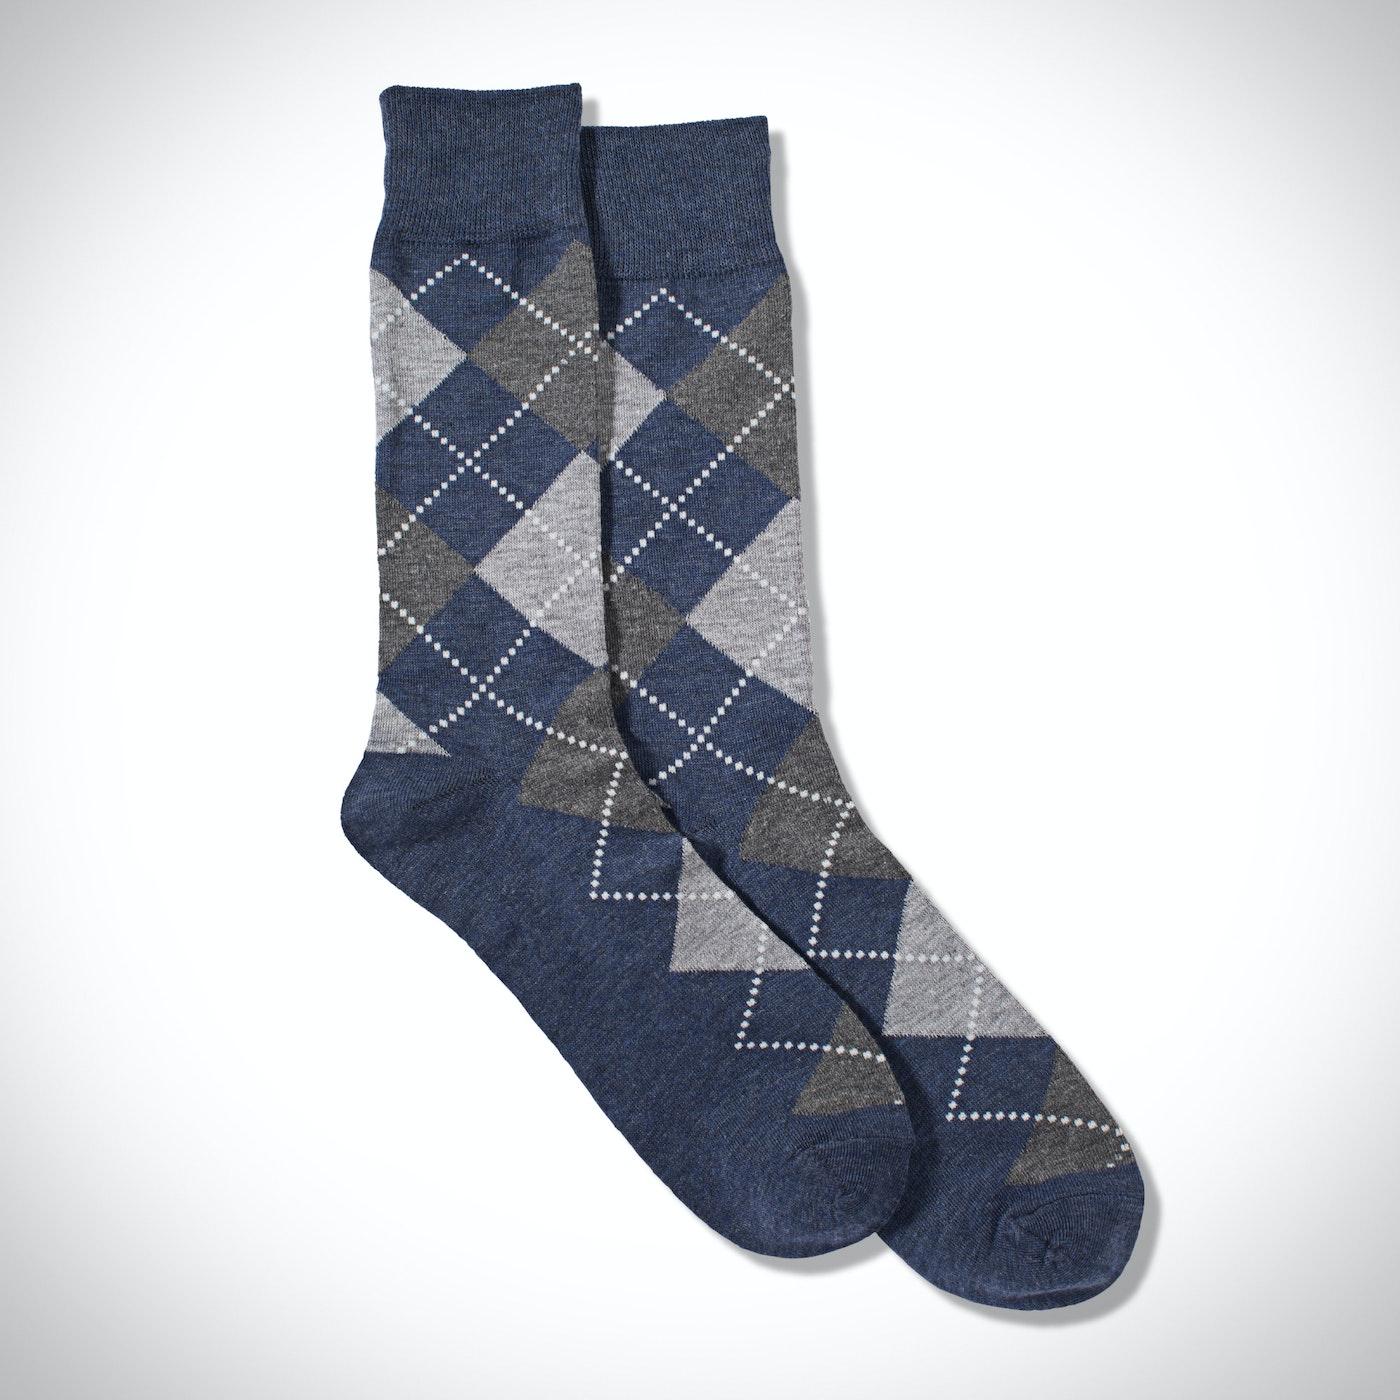 Full Print Gray Argyle Socks